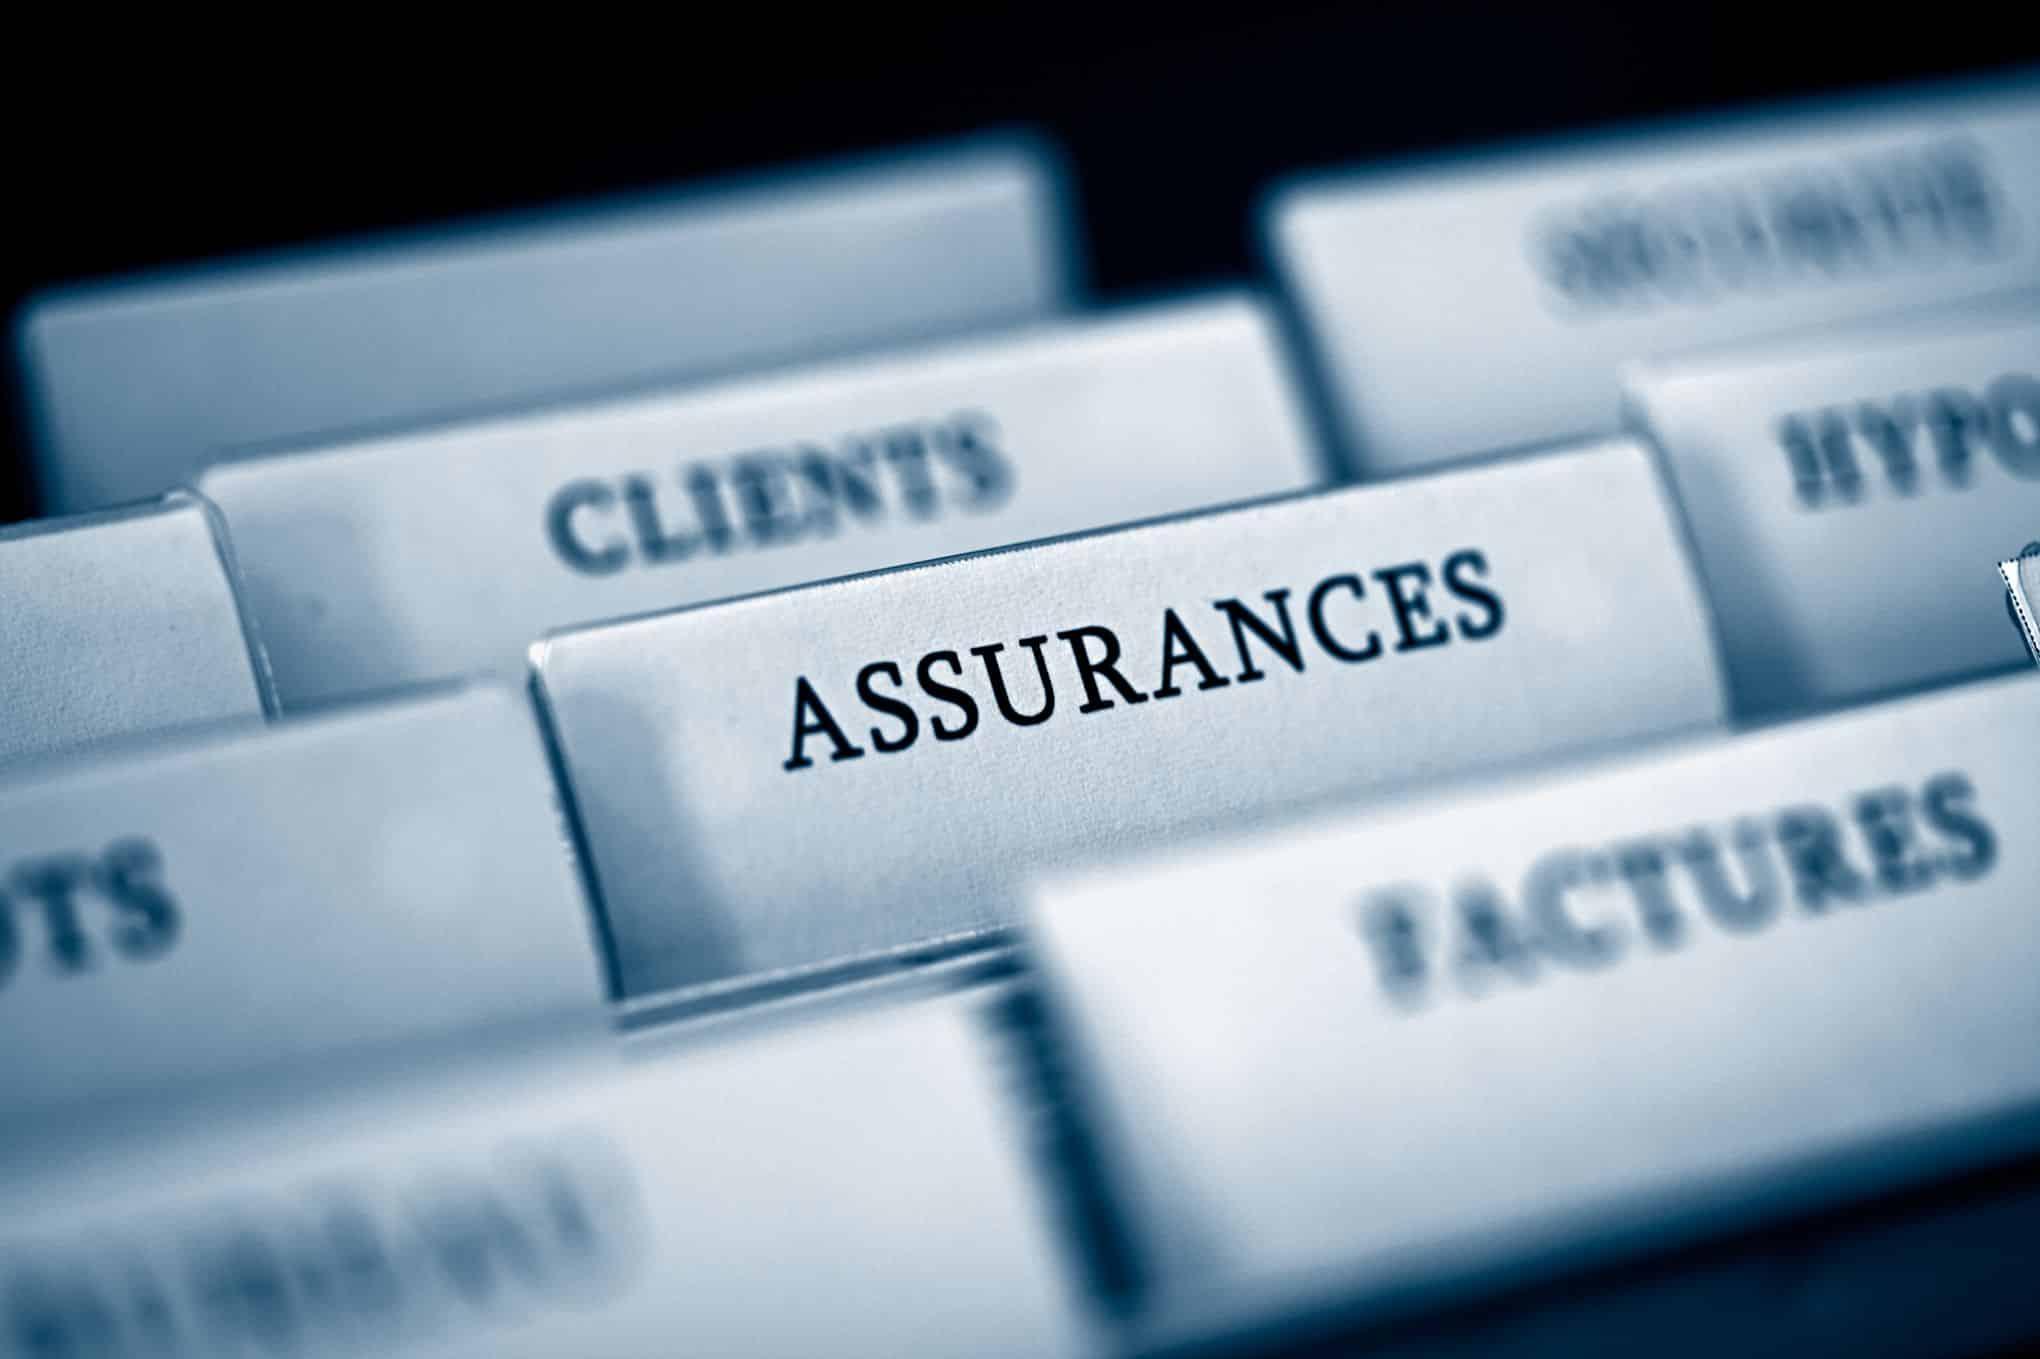 Site assurance : pourquoi les assurances possèdent-elles des sites internet ?